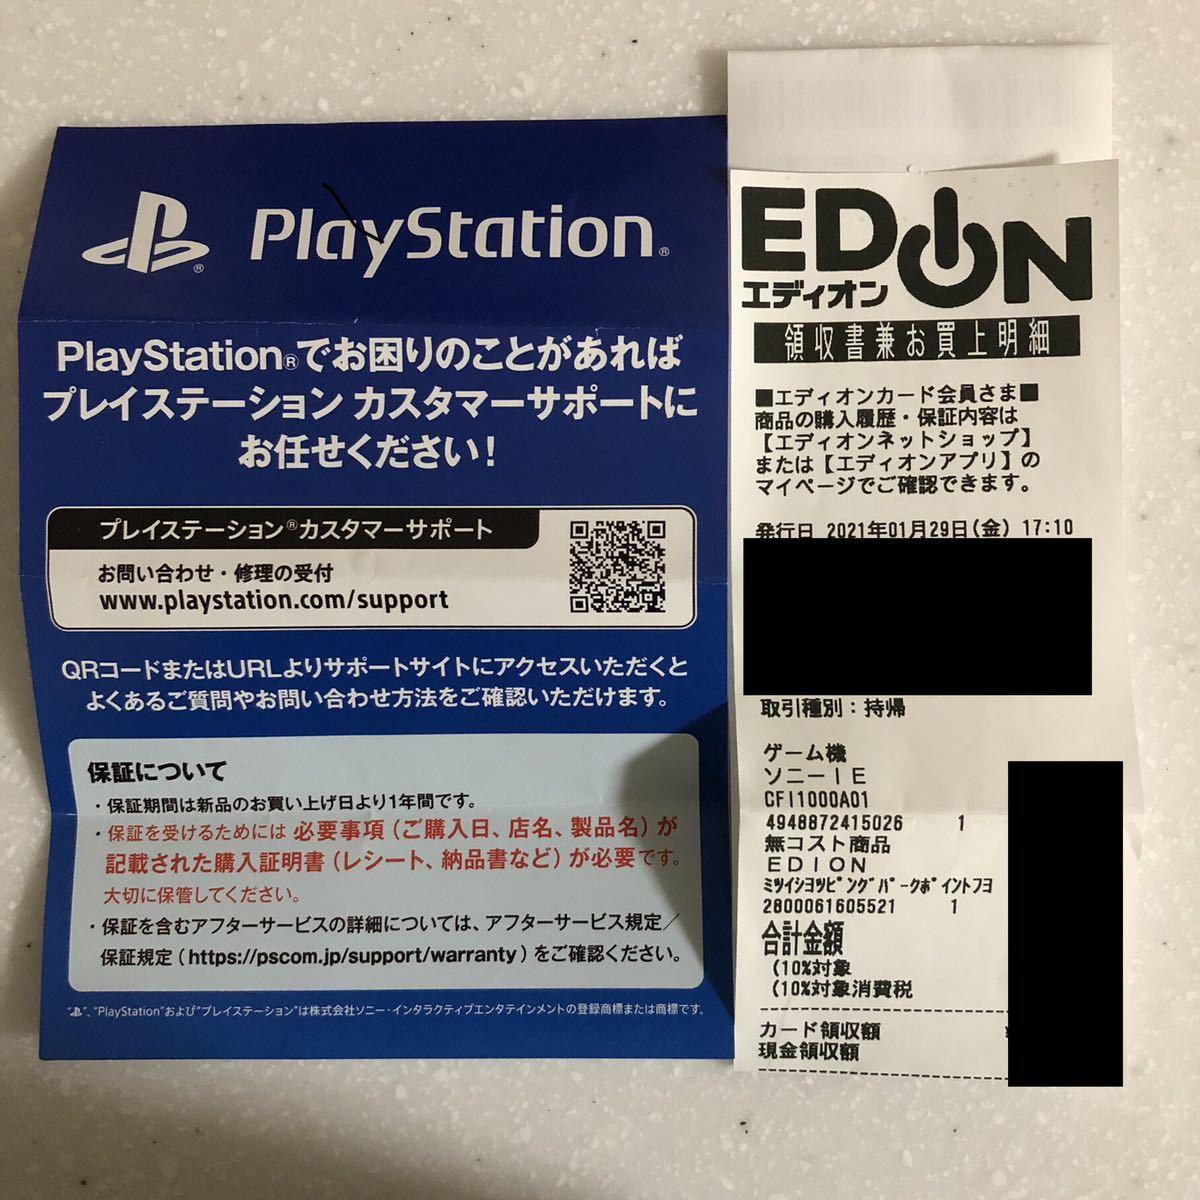 PS5;PlayStation5(プレイステーション5)本体 領収書付き 通常版 CFI-1000A01 ディスクドライブ搭載モデル_画像3